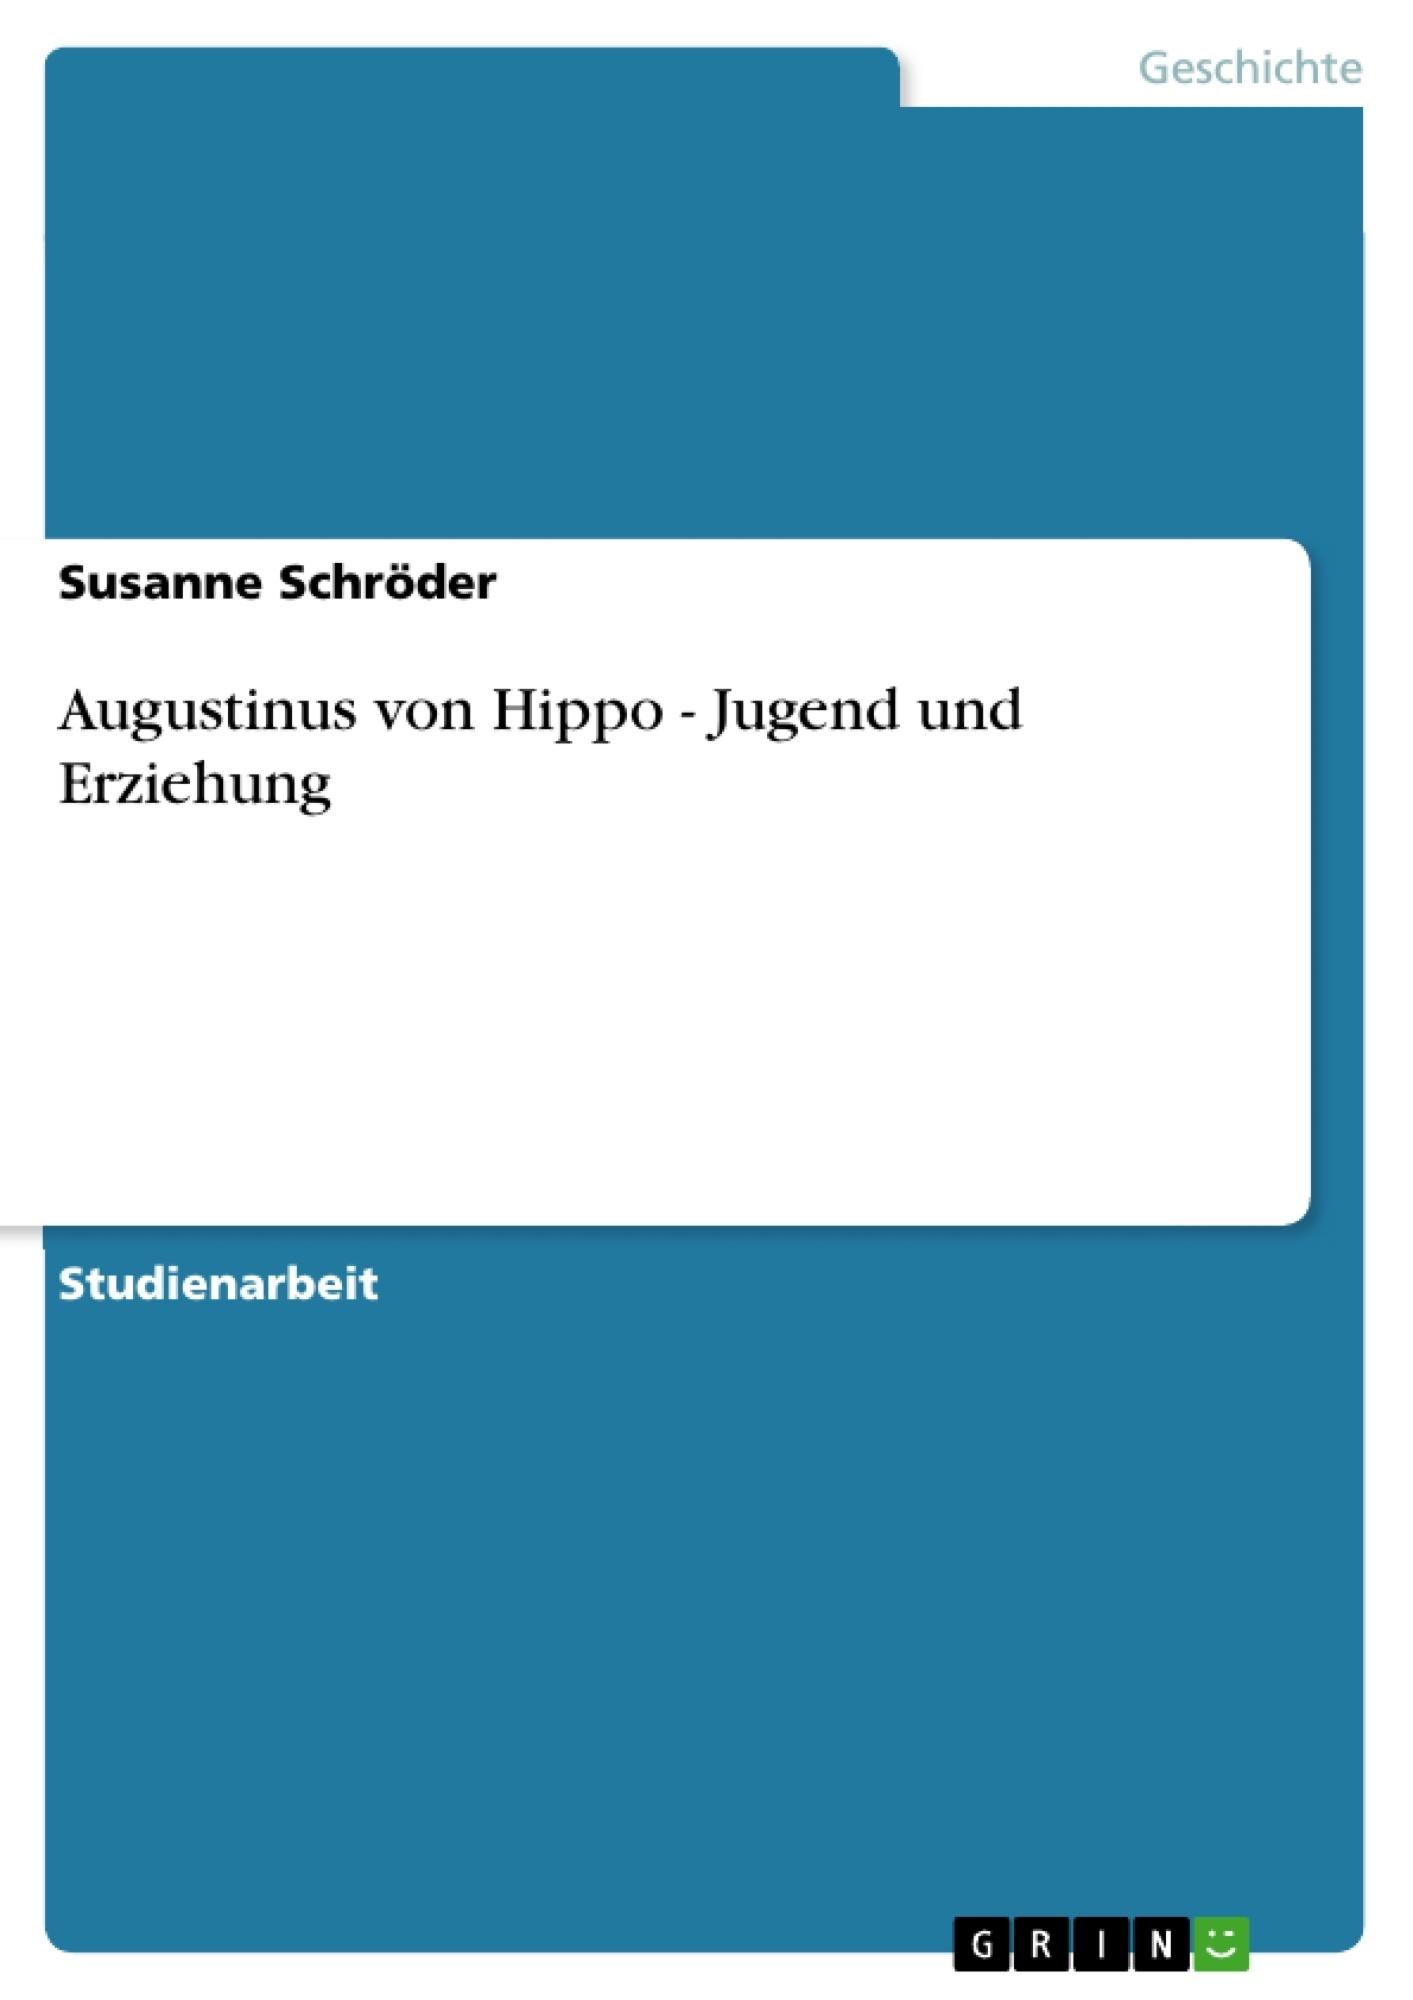 Titel: Augustinus von Hippo - Jugend und Erziehung